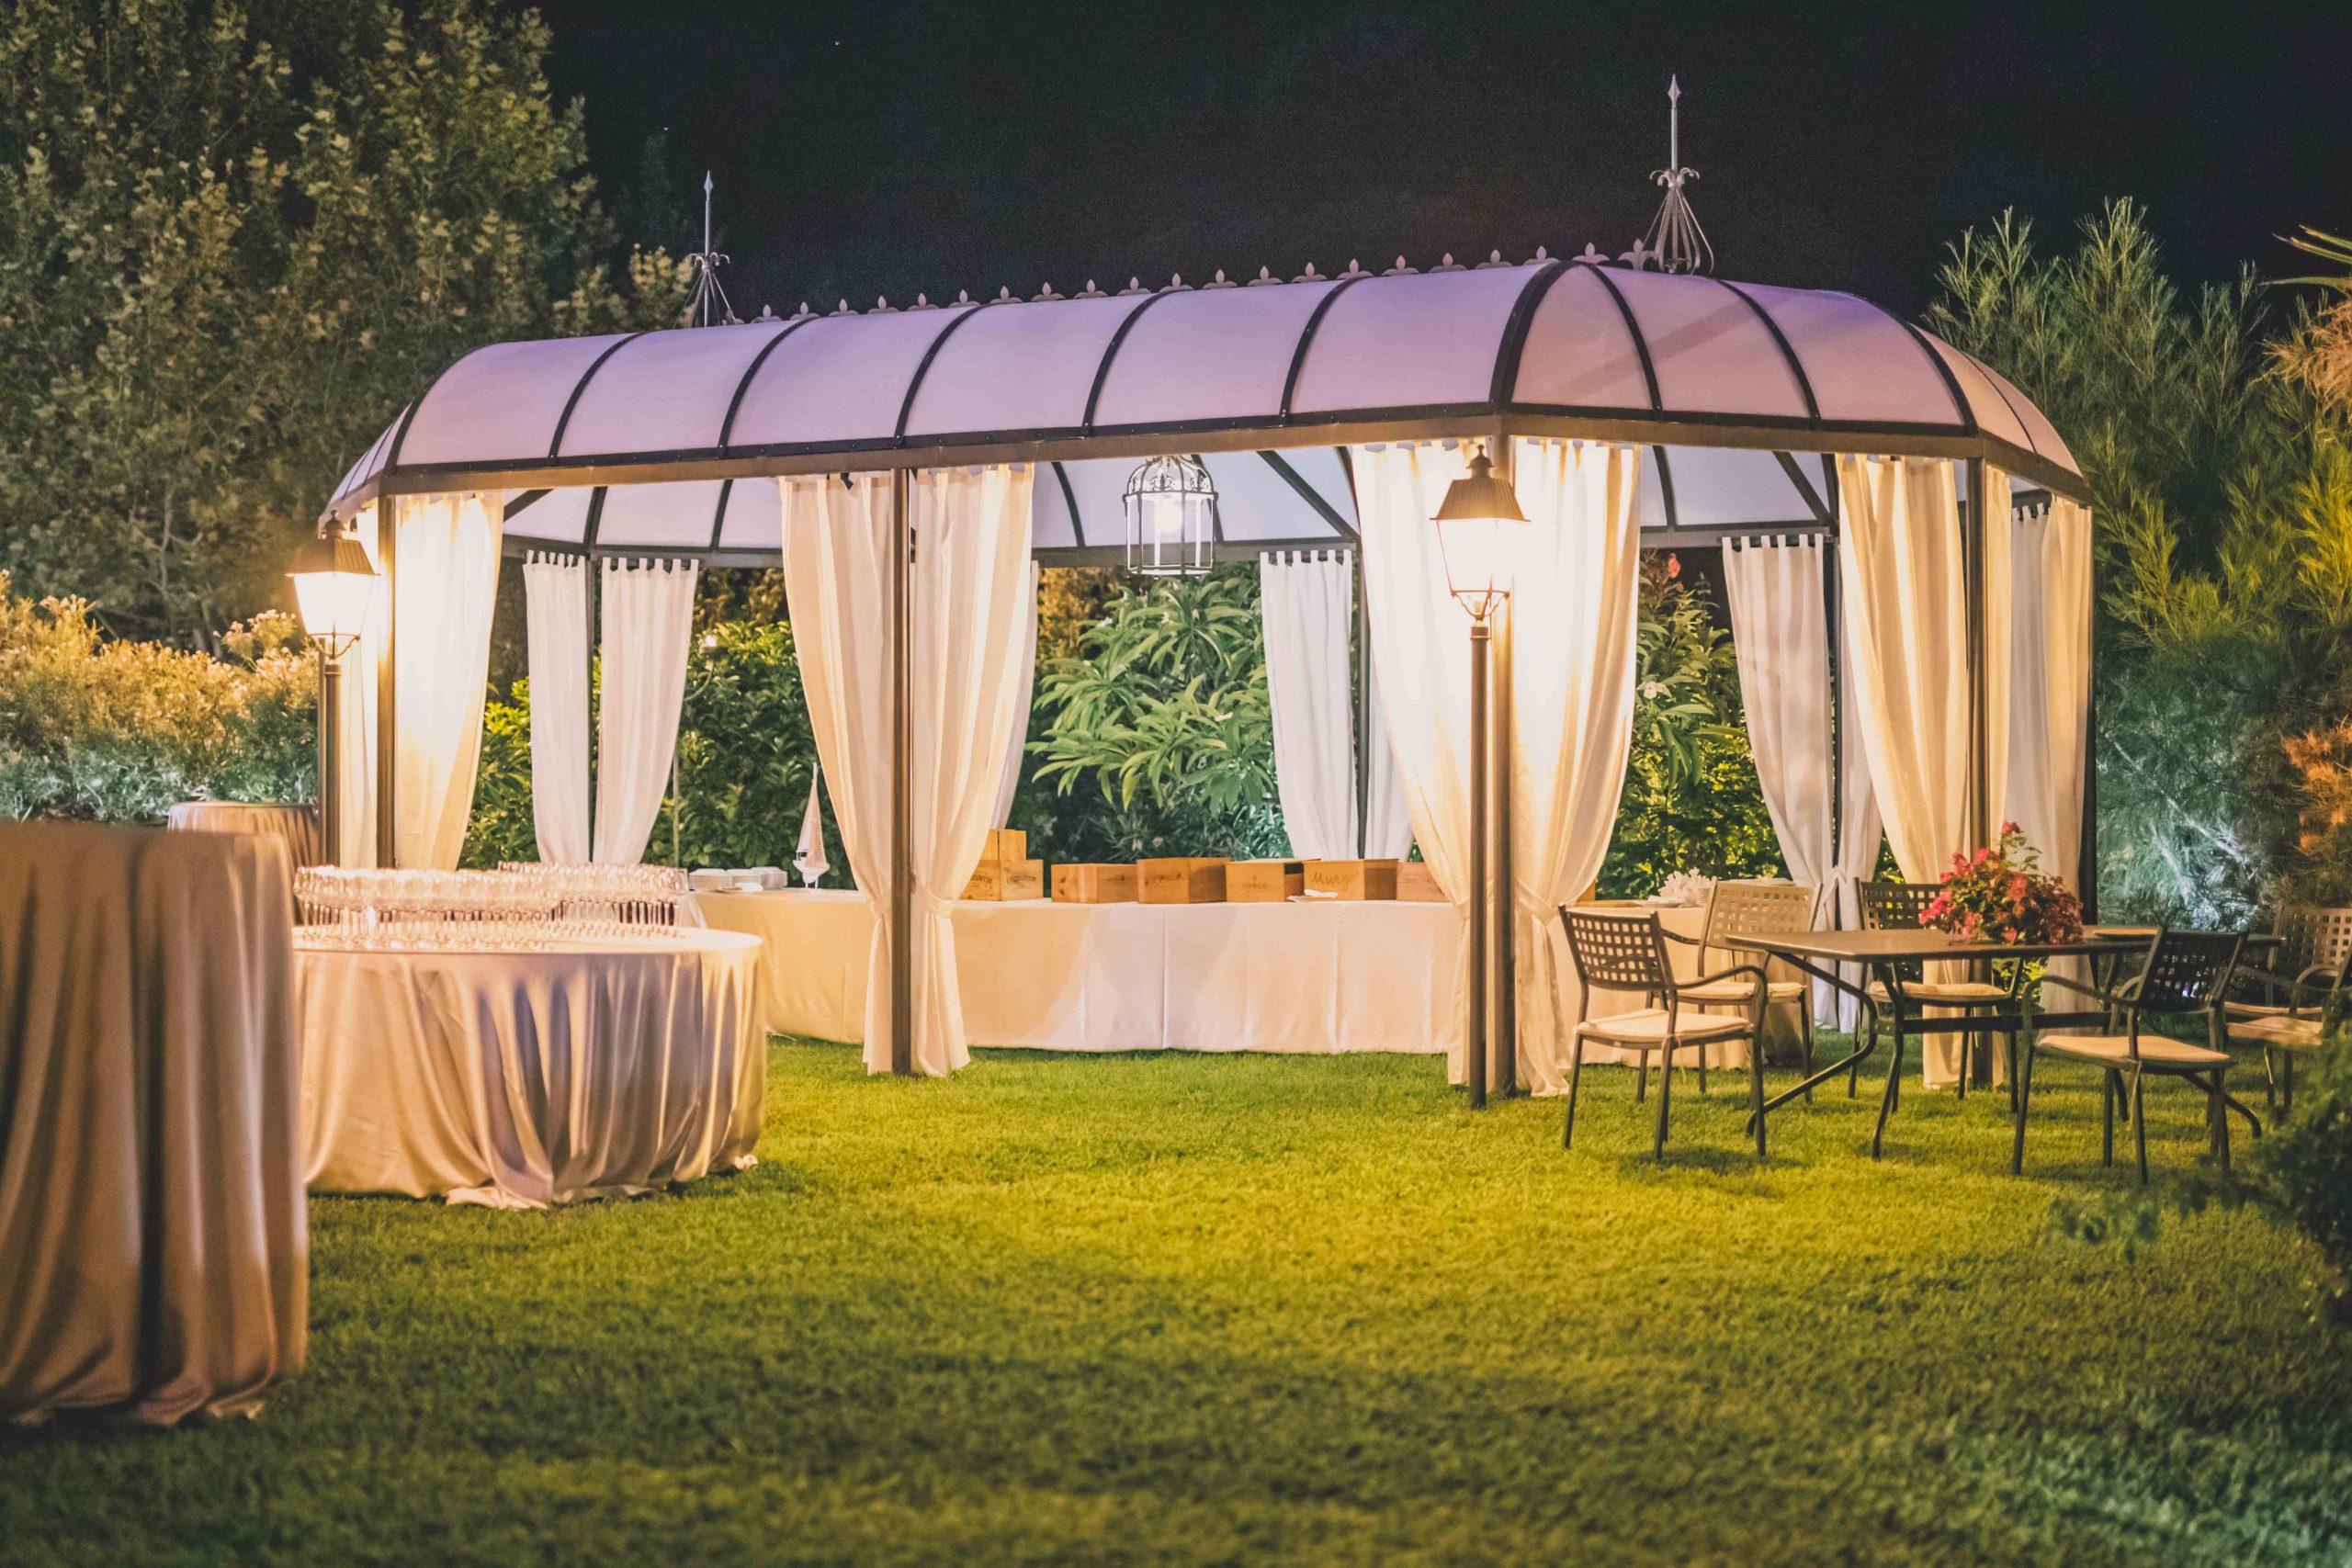 Villa Musmeci è la location ideale per il tuo matrimonio! Unisce l'eleganza di una dimora storica e nobiliare all'equilibrio sobrio della natura che renderanno il tuo evento semplicemente unico.